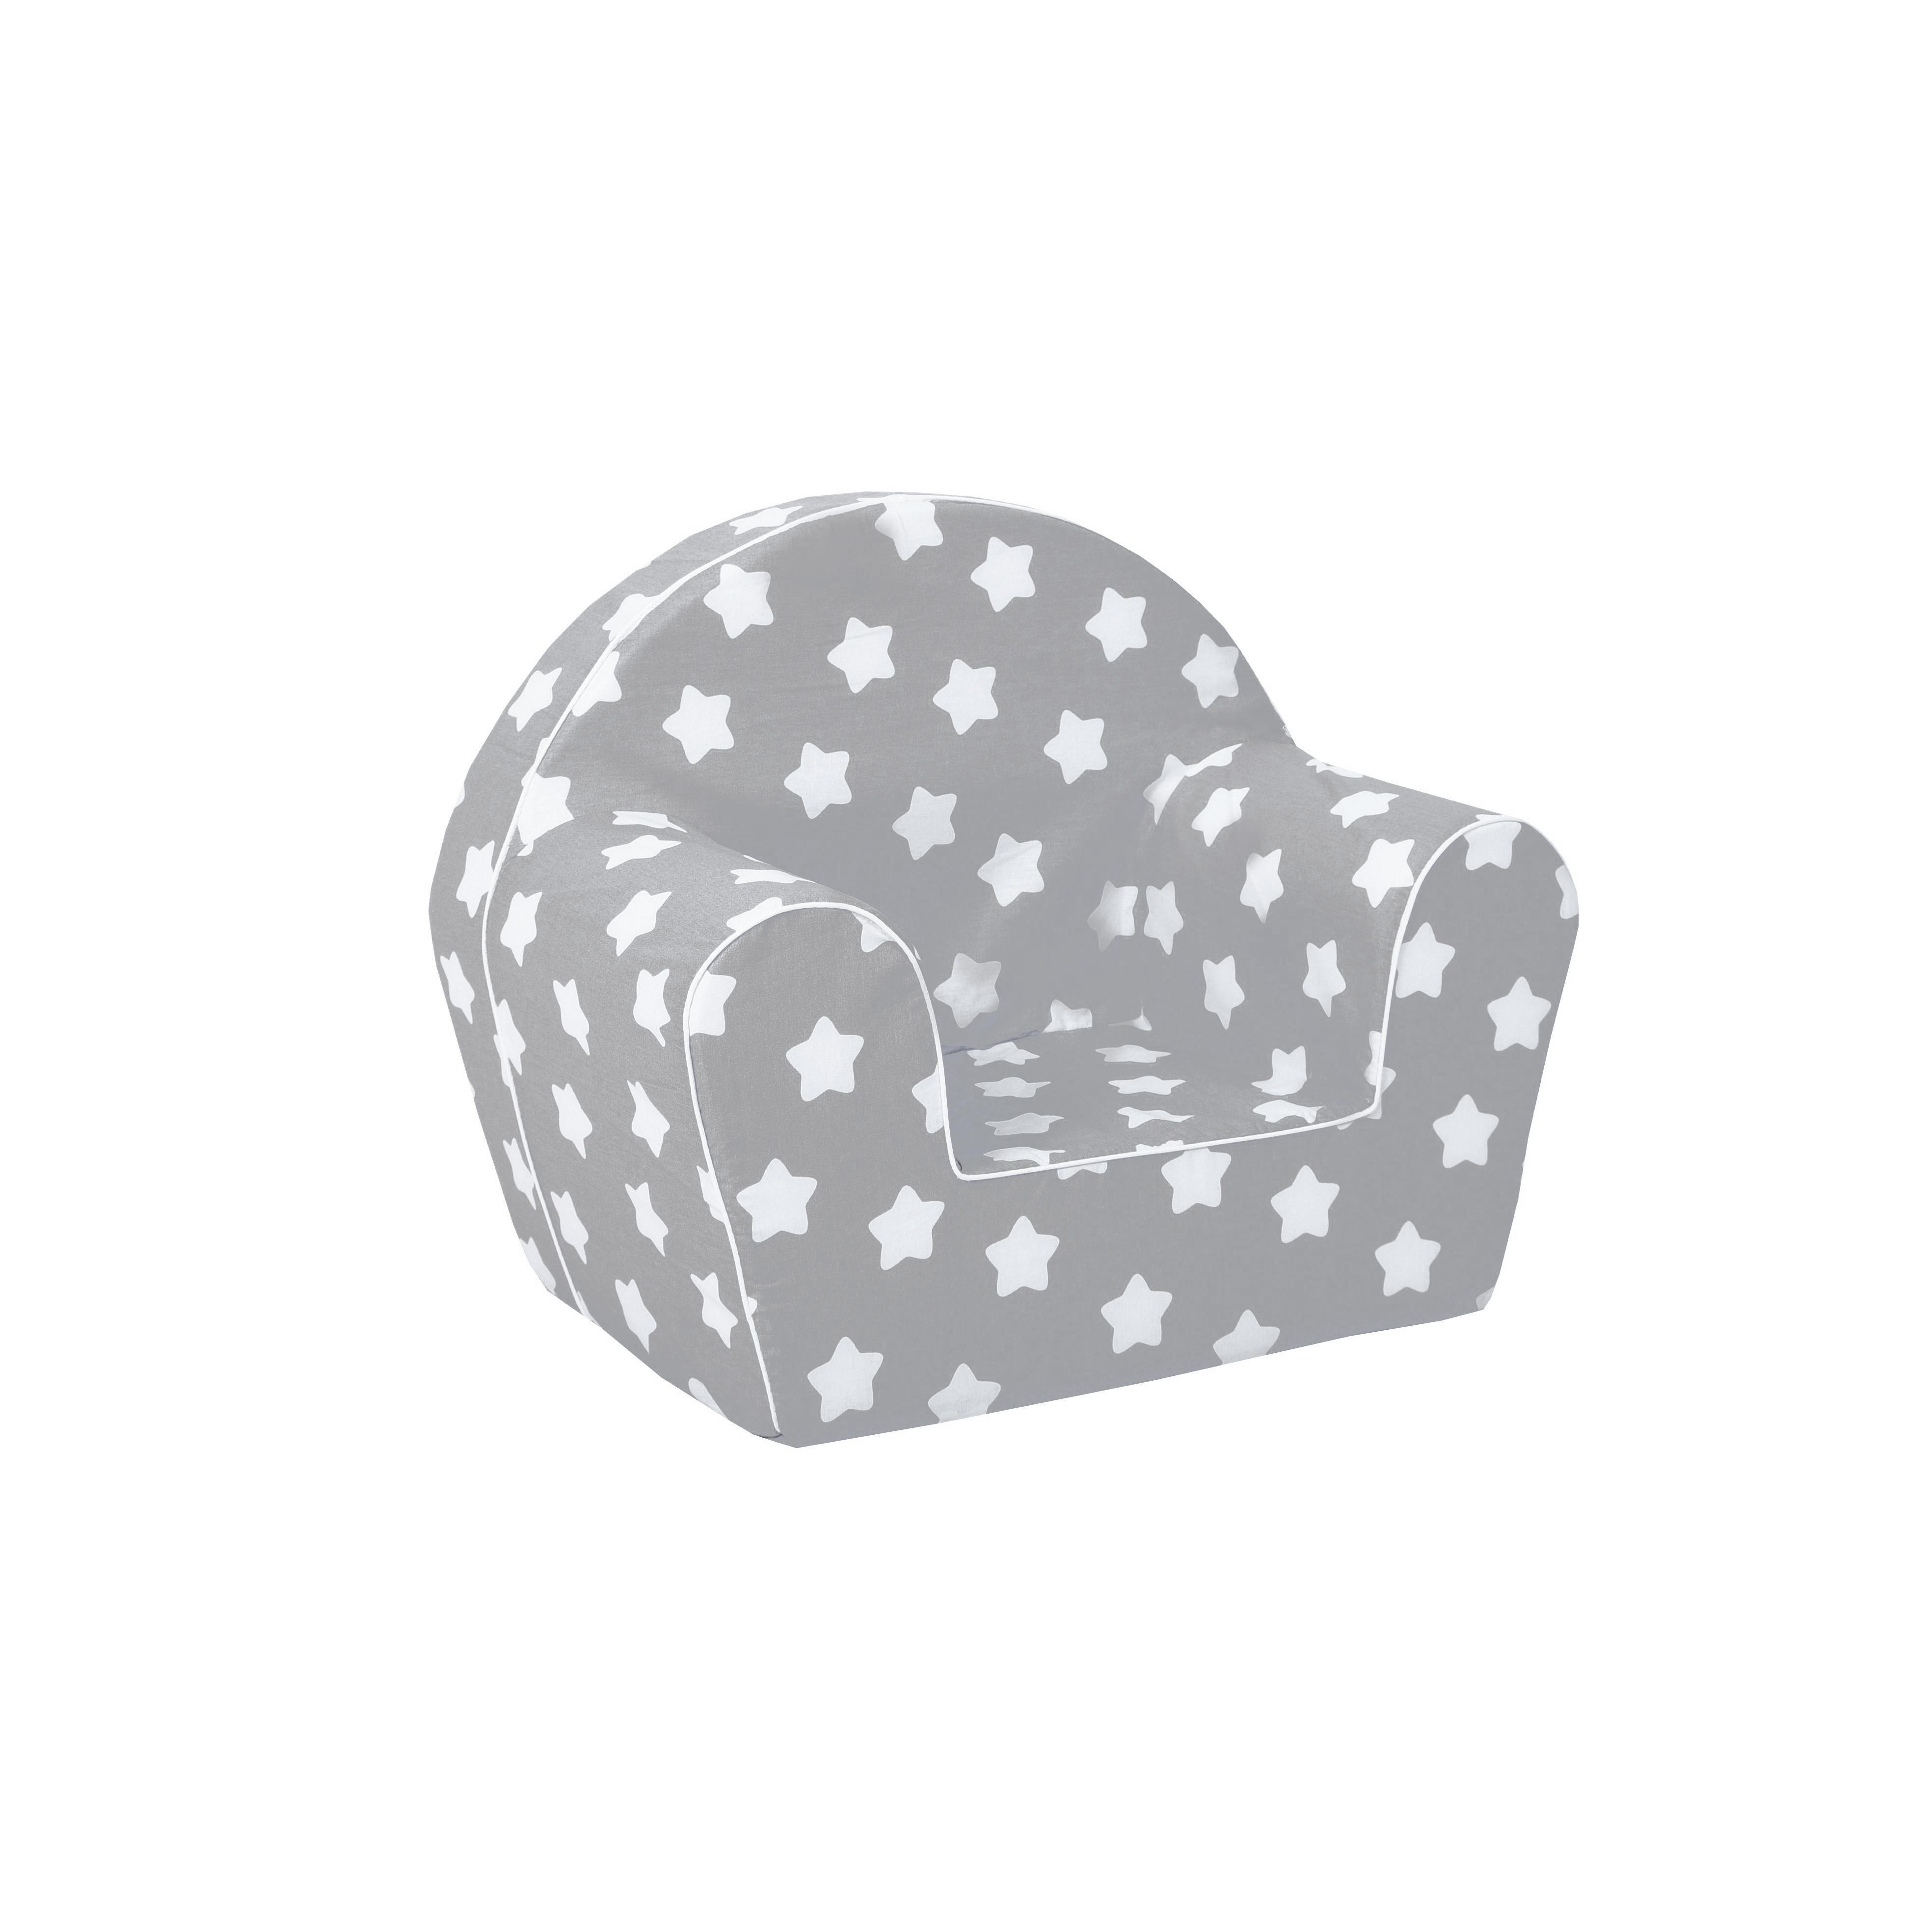 MAXMAX Detské kresielko MINI - hviezdička šedé